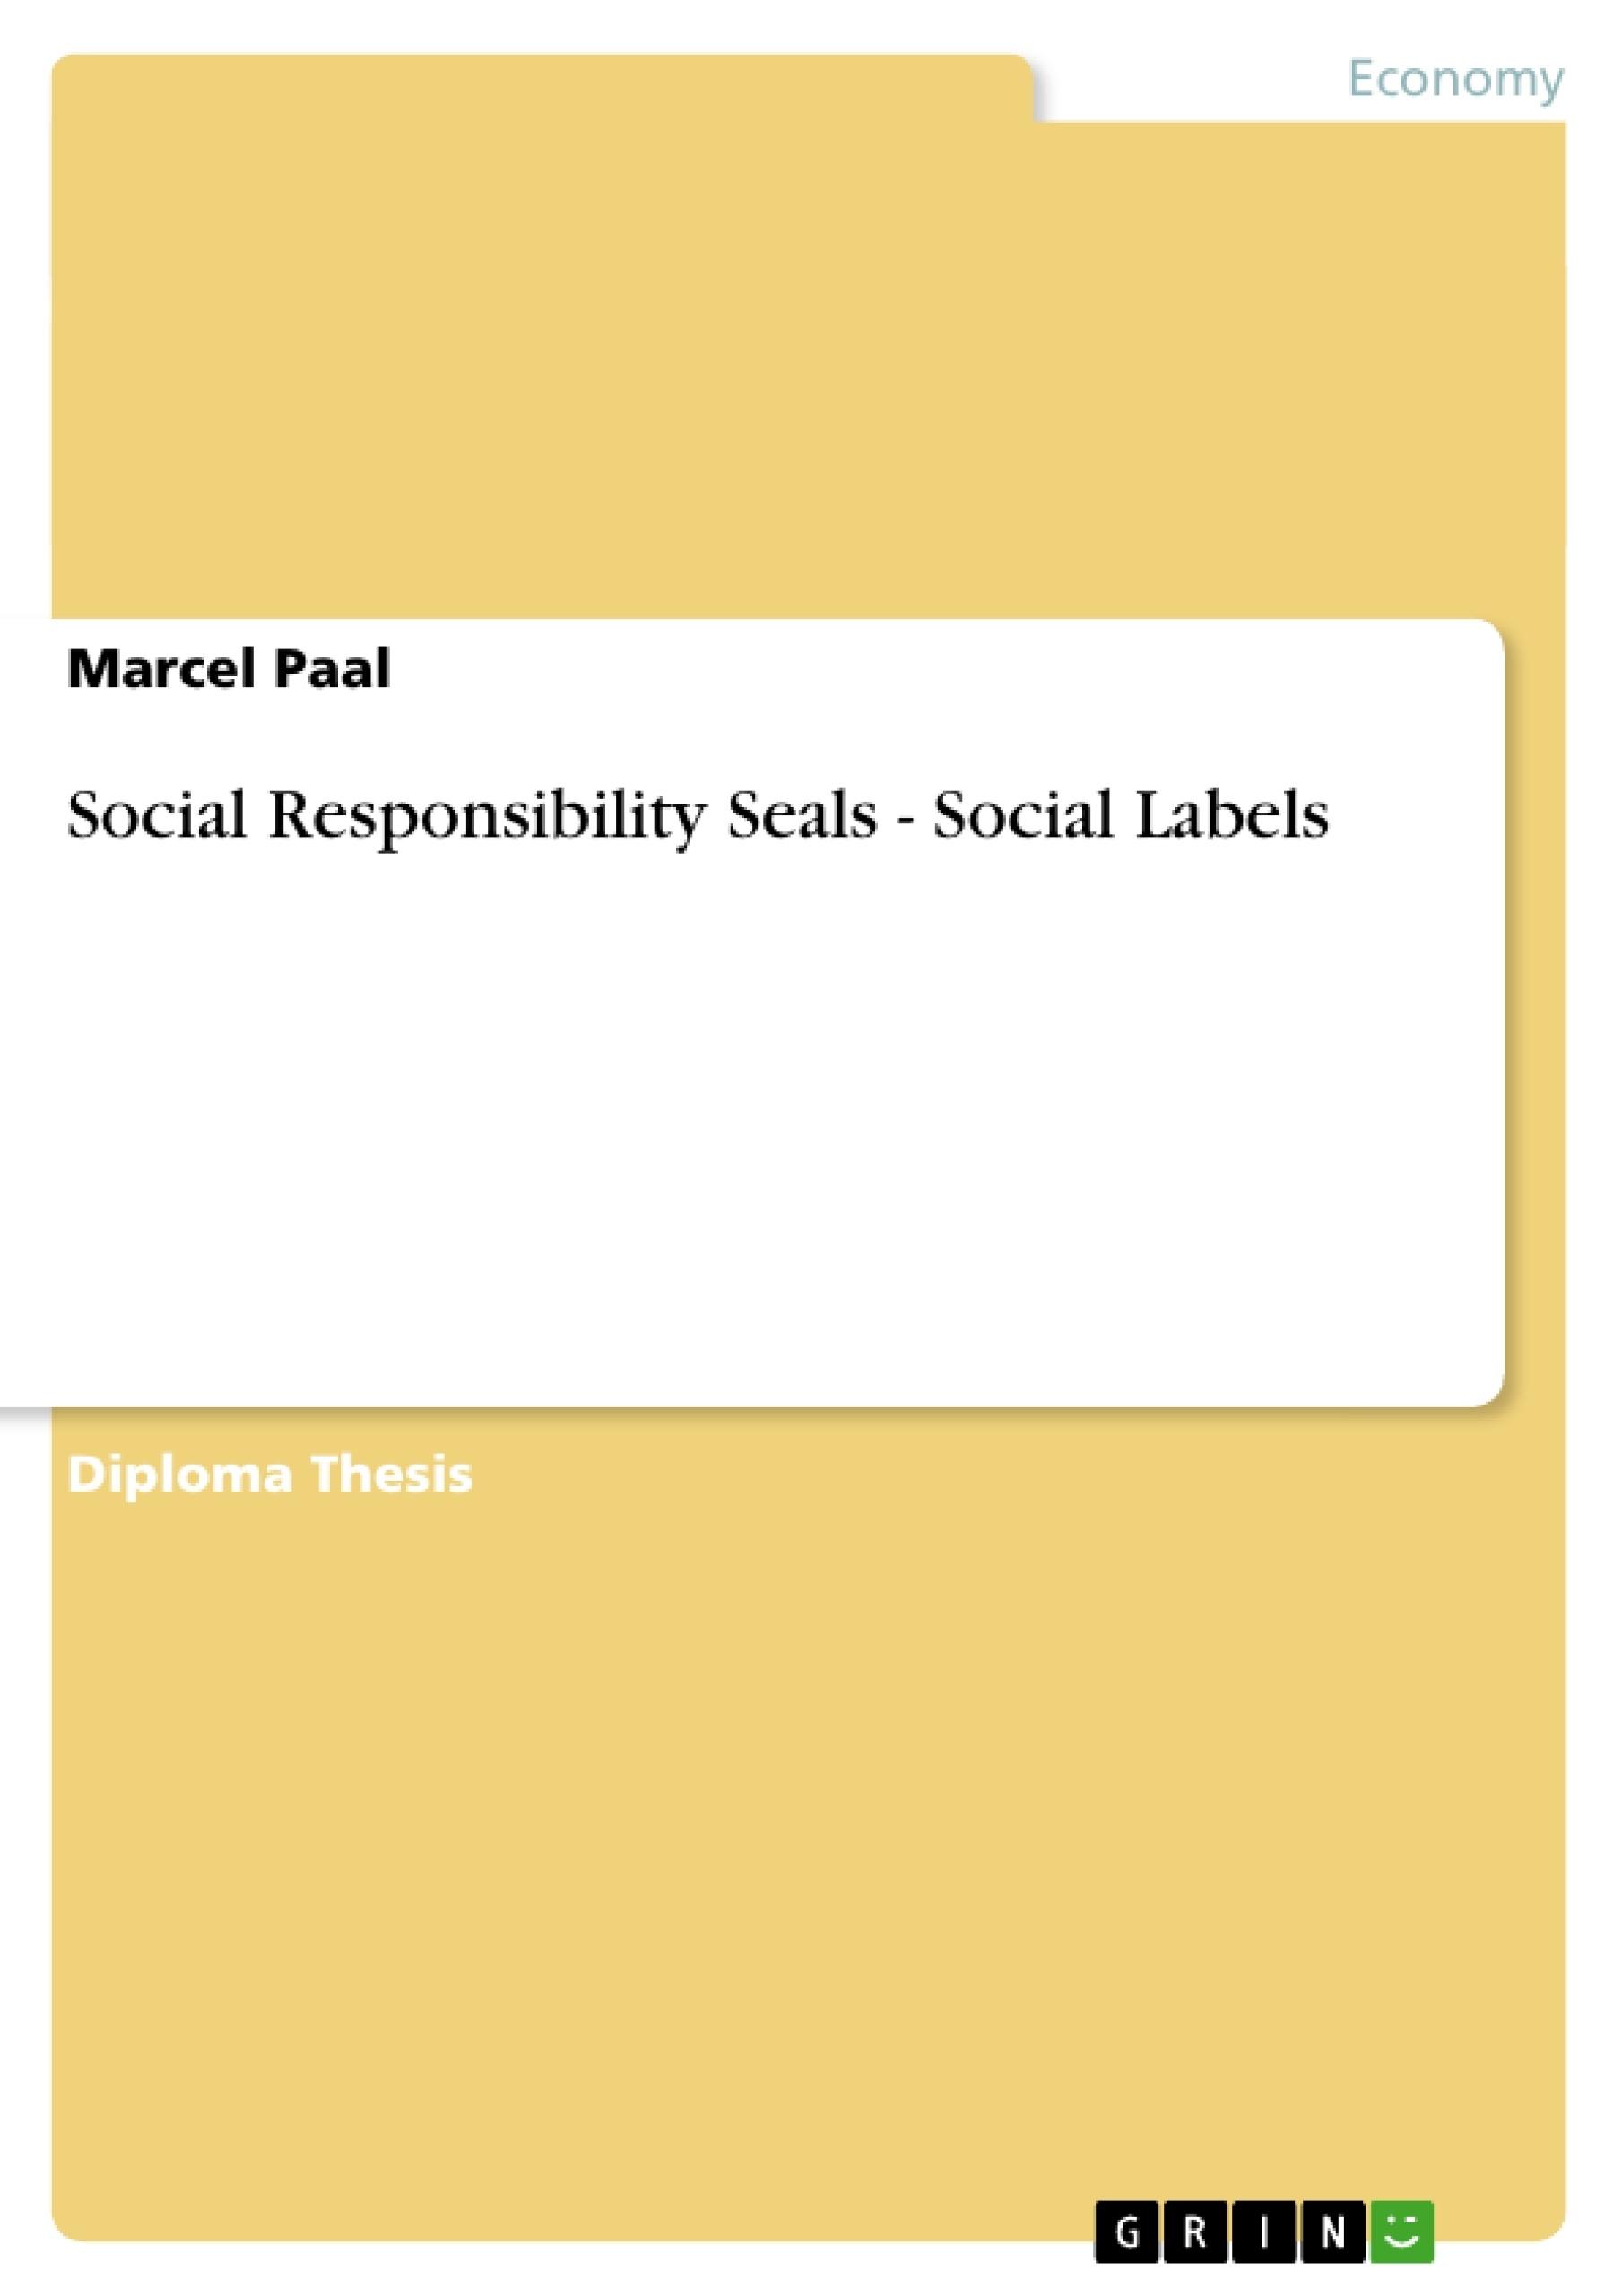 Title: Social Responsibility Seals - Social Labels